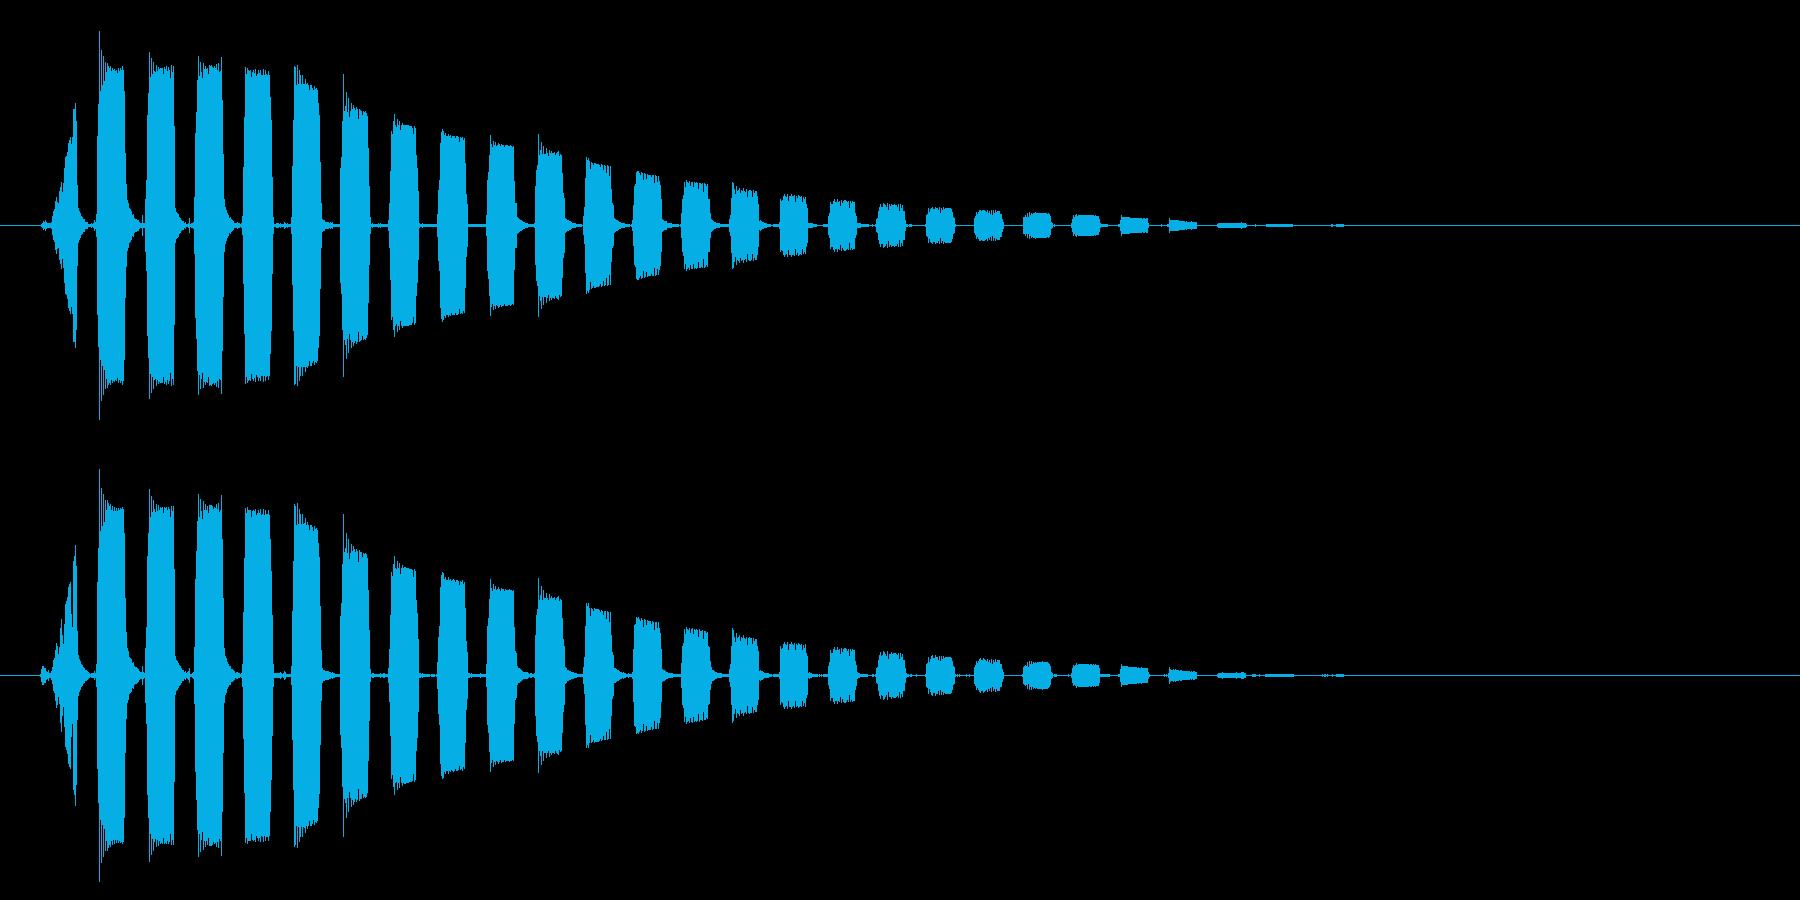 ビョーン↑(音が高めの跳ねる音)の再生済みの波形